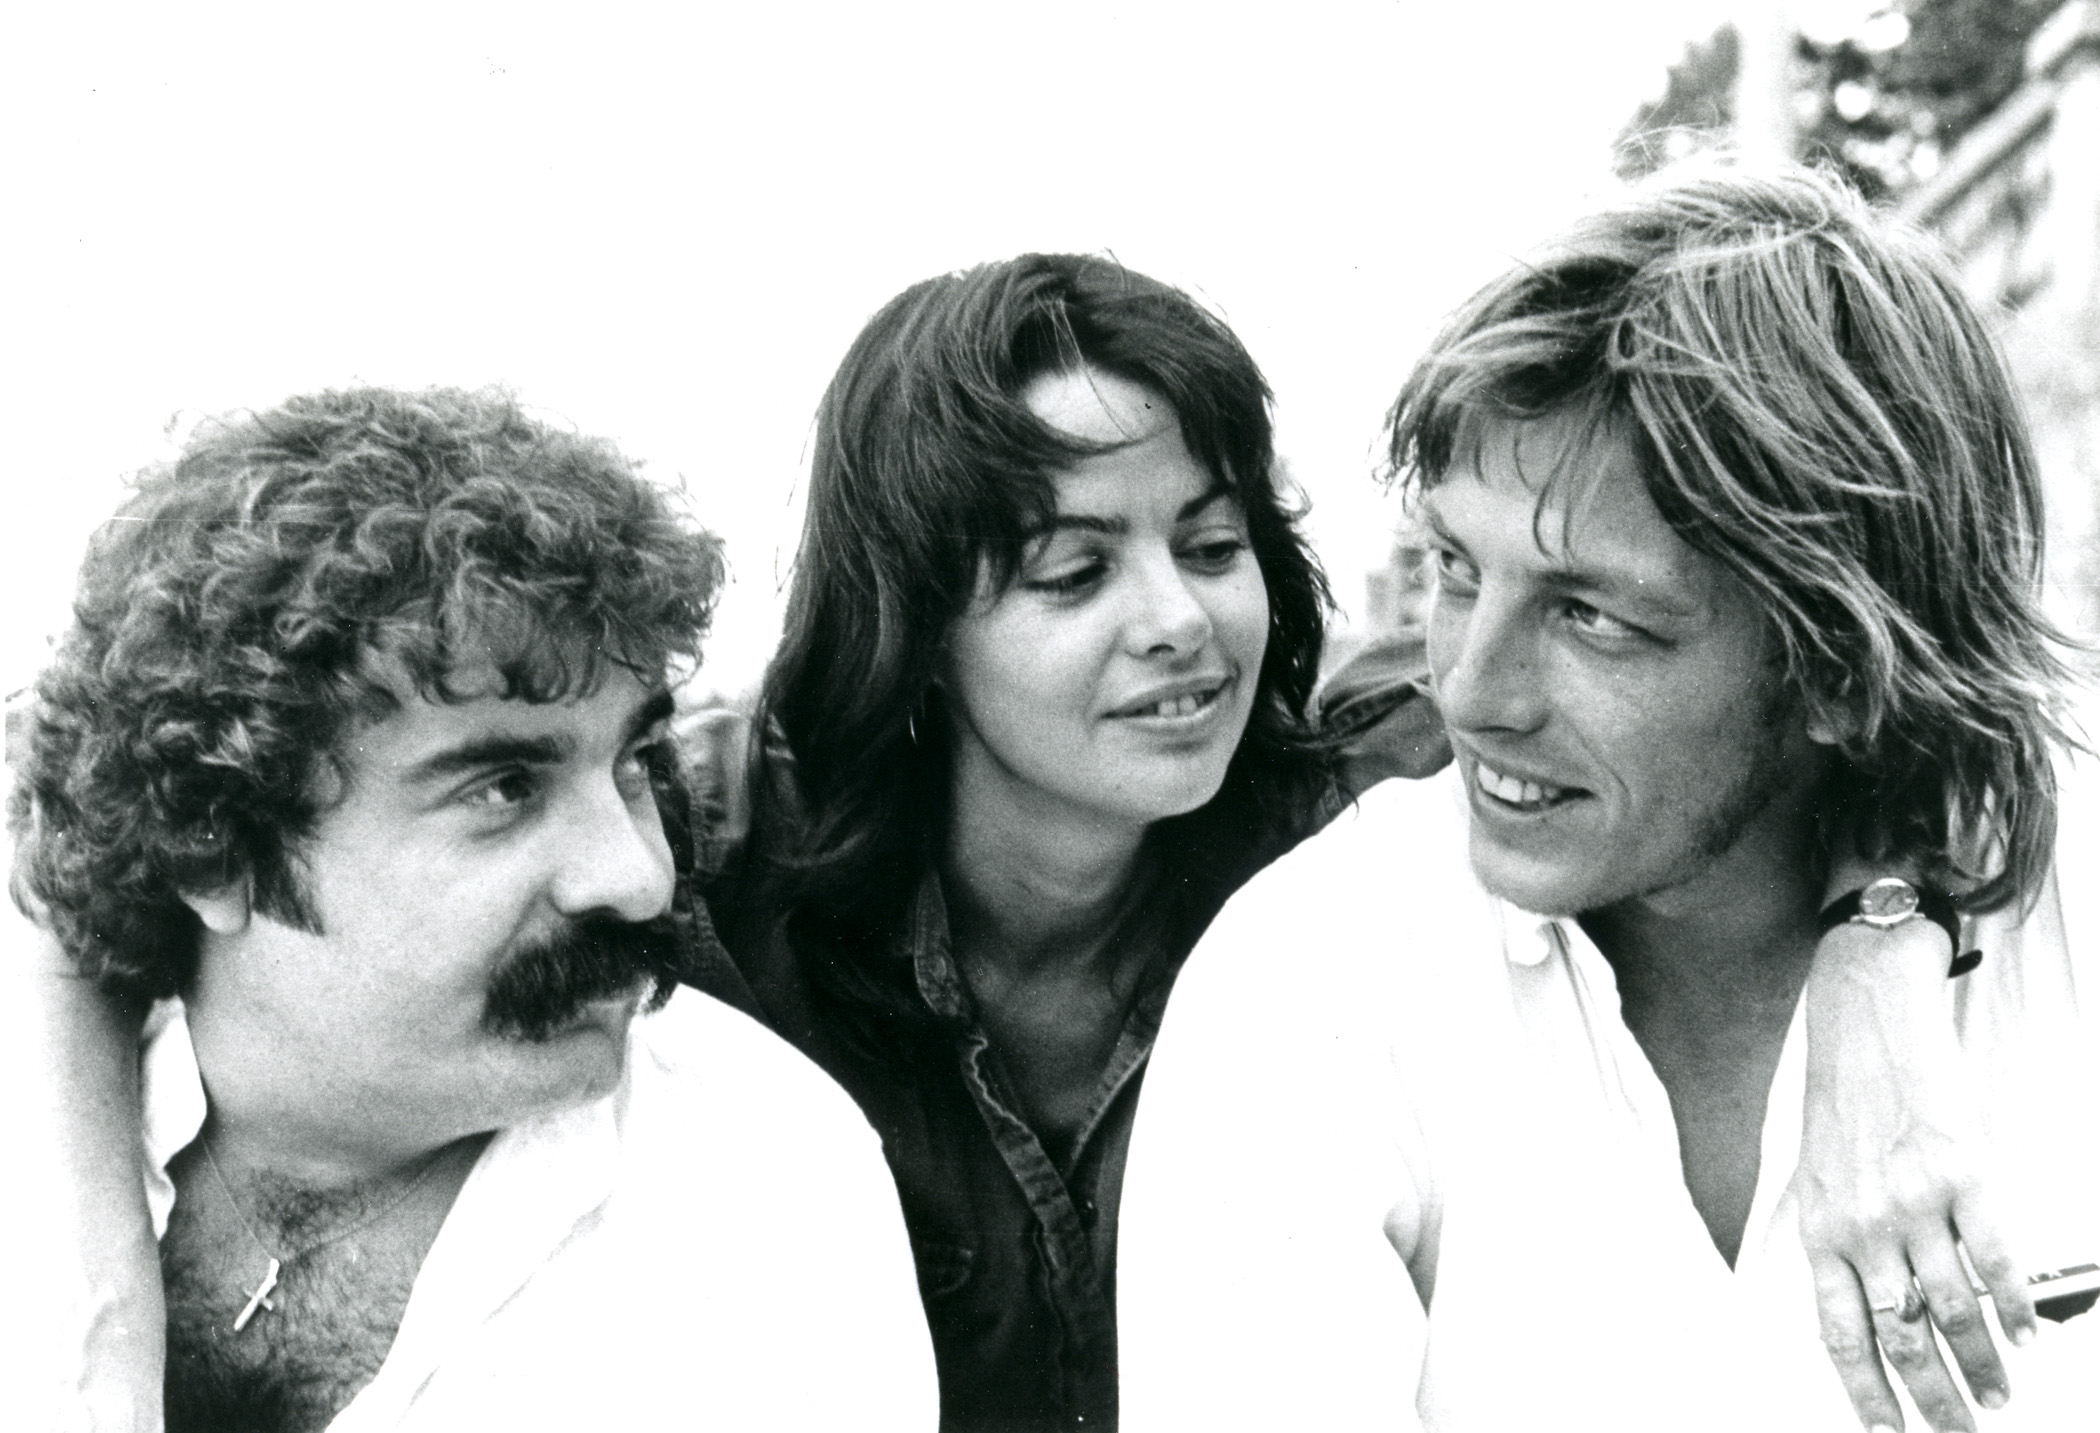 Larose, Pierrot et la luce - Michel Niquette, Louise Portal, Luc Matte -3.jpg